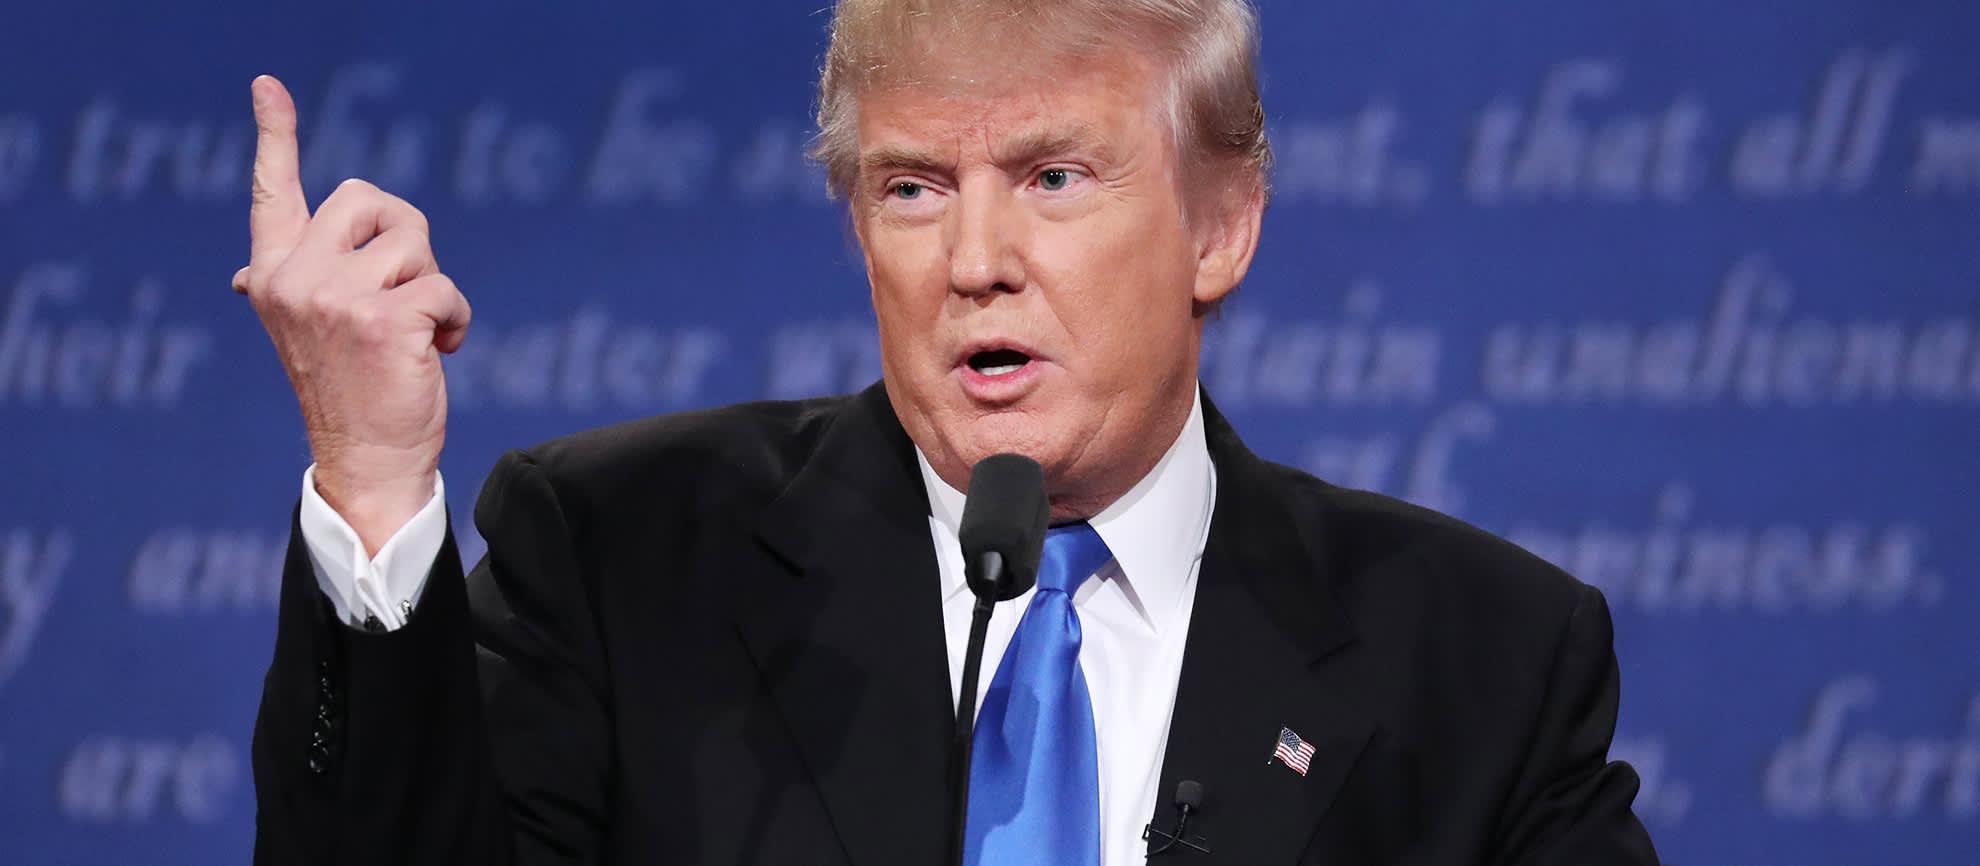 Donald Trump vaaliväittelyssä 26. syyskuuta.